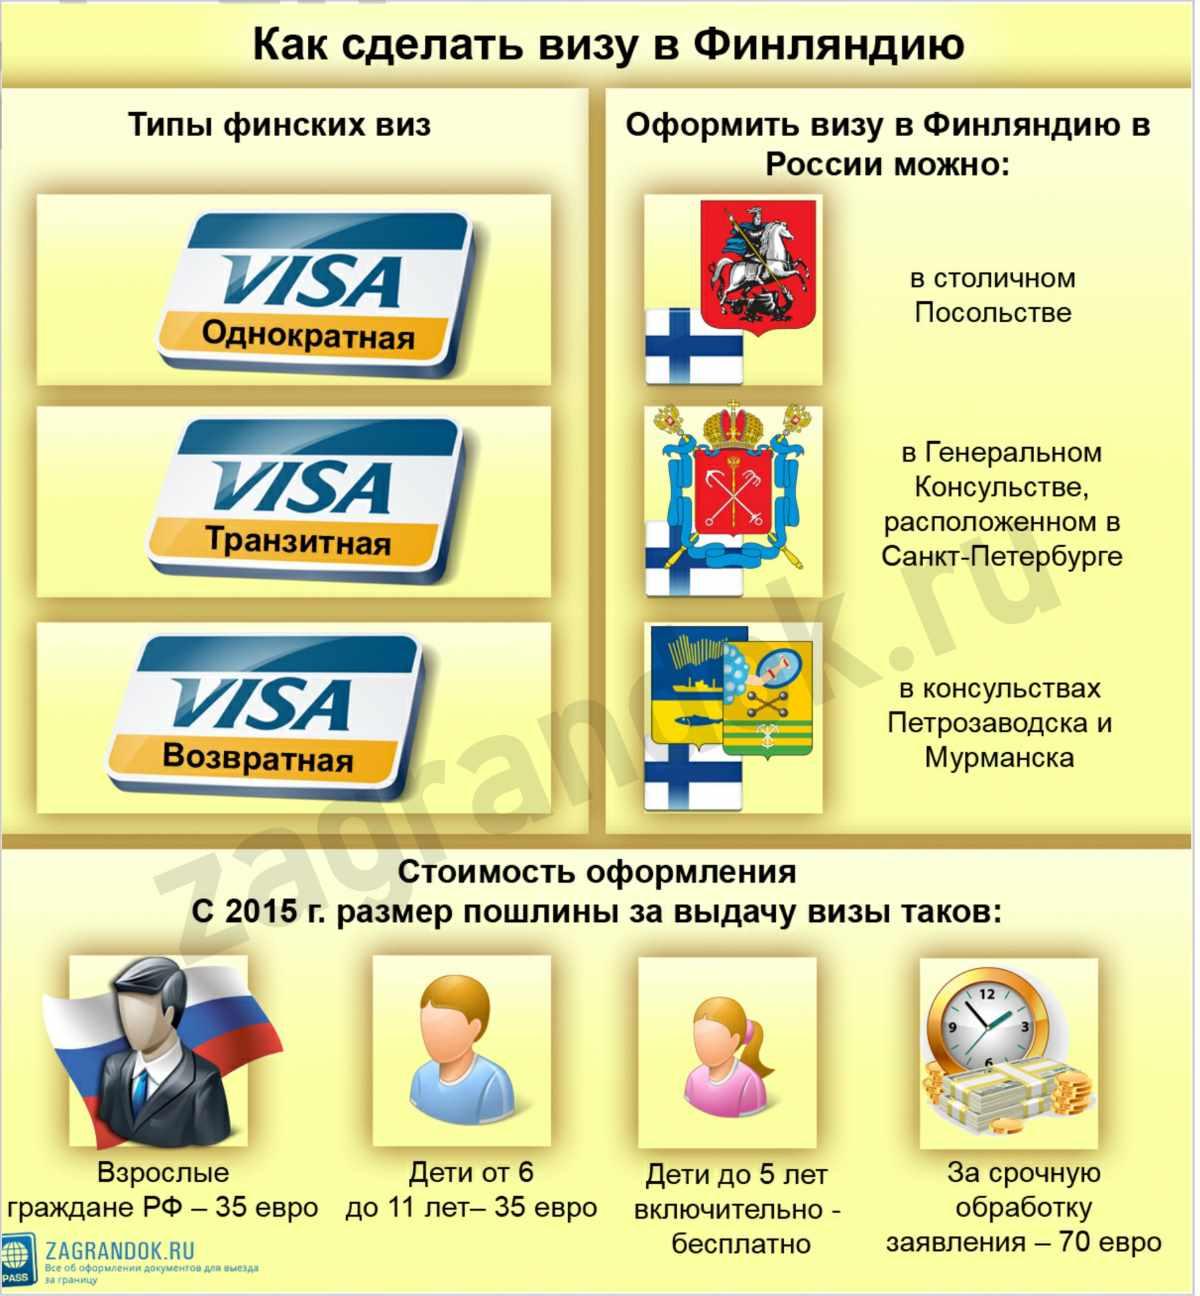 Как сделать визу в Финляндию